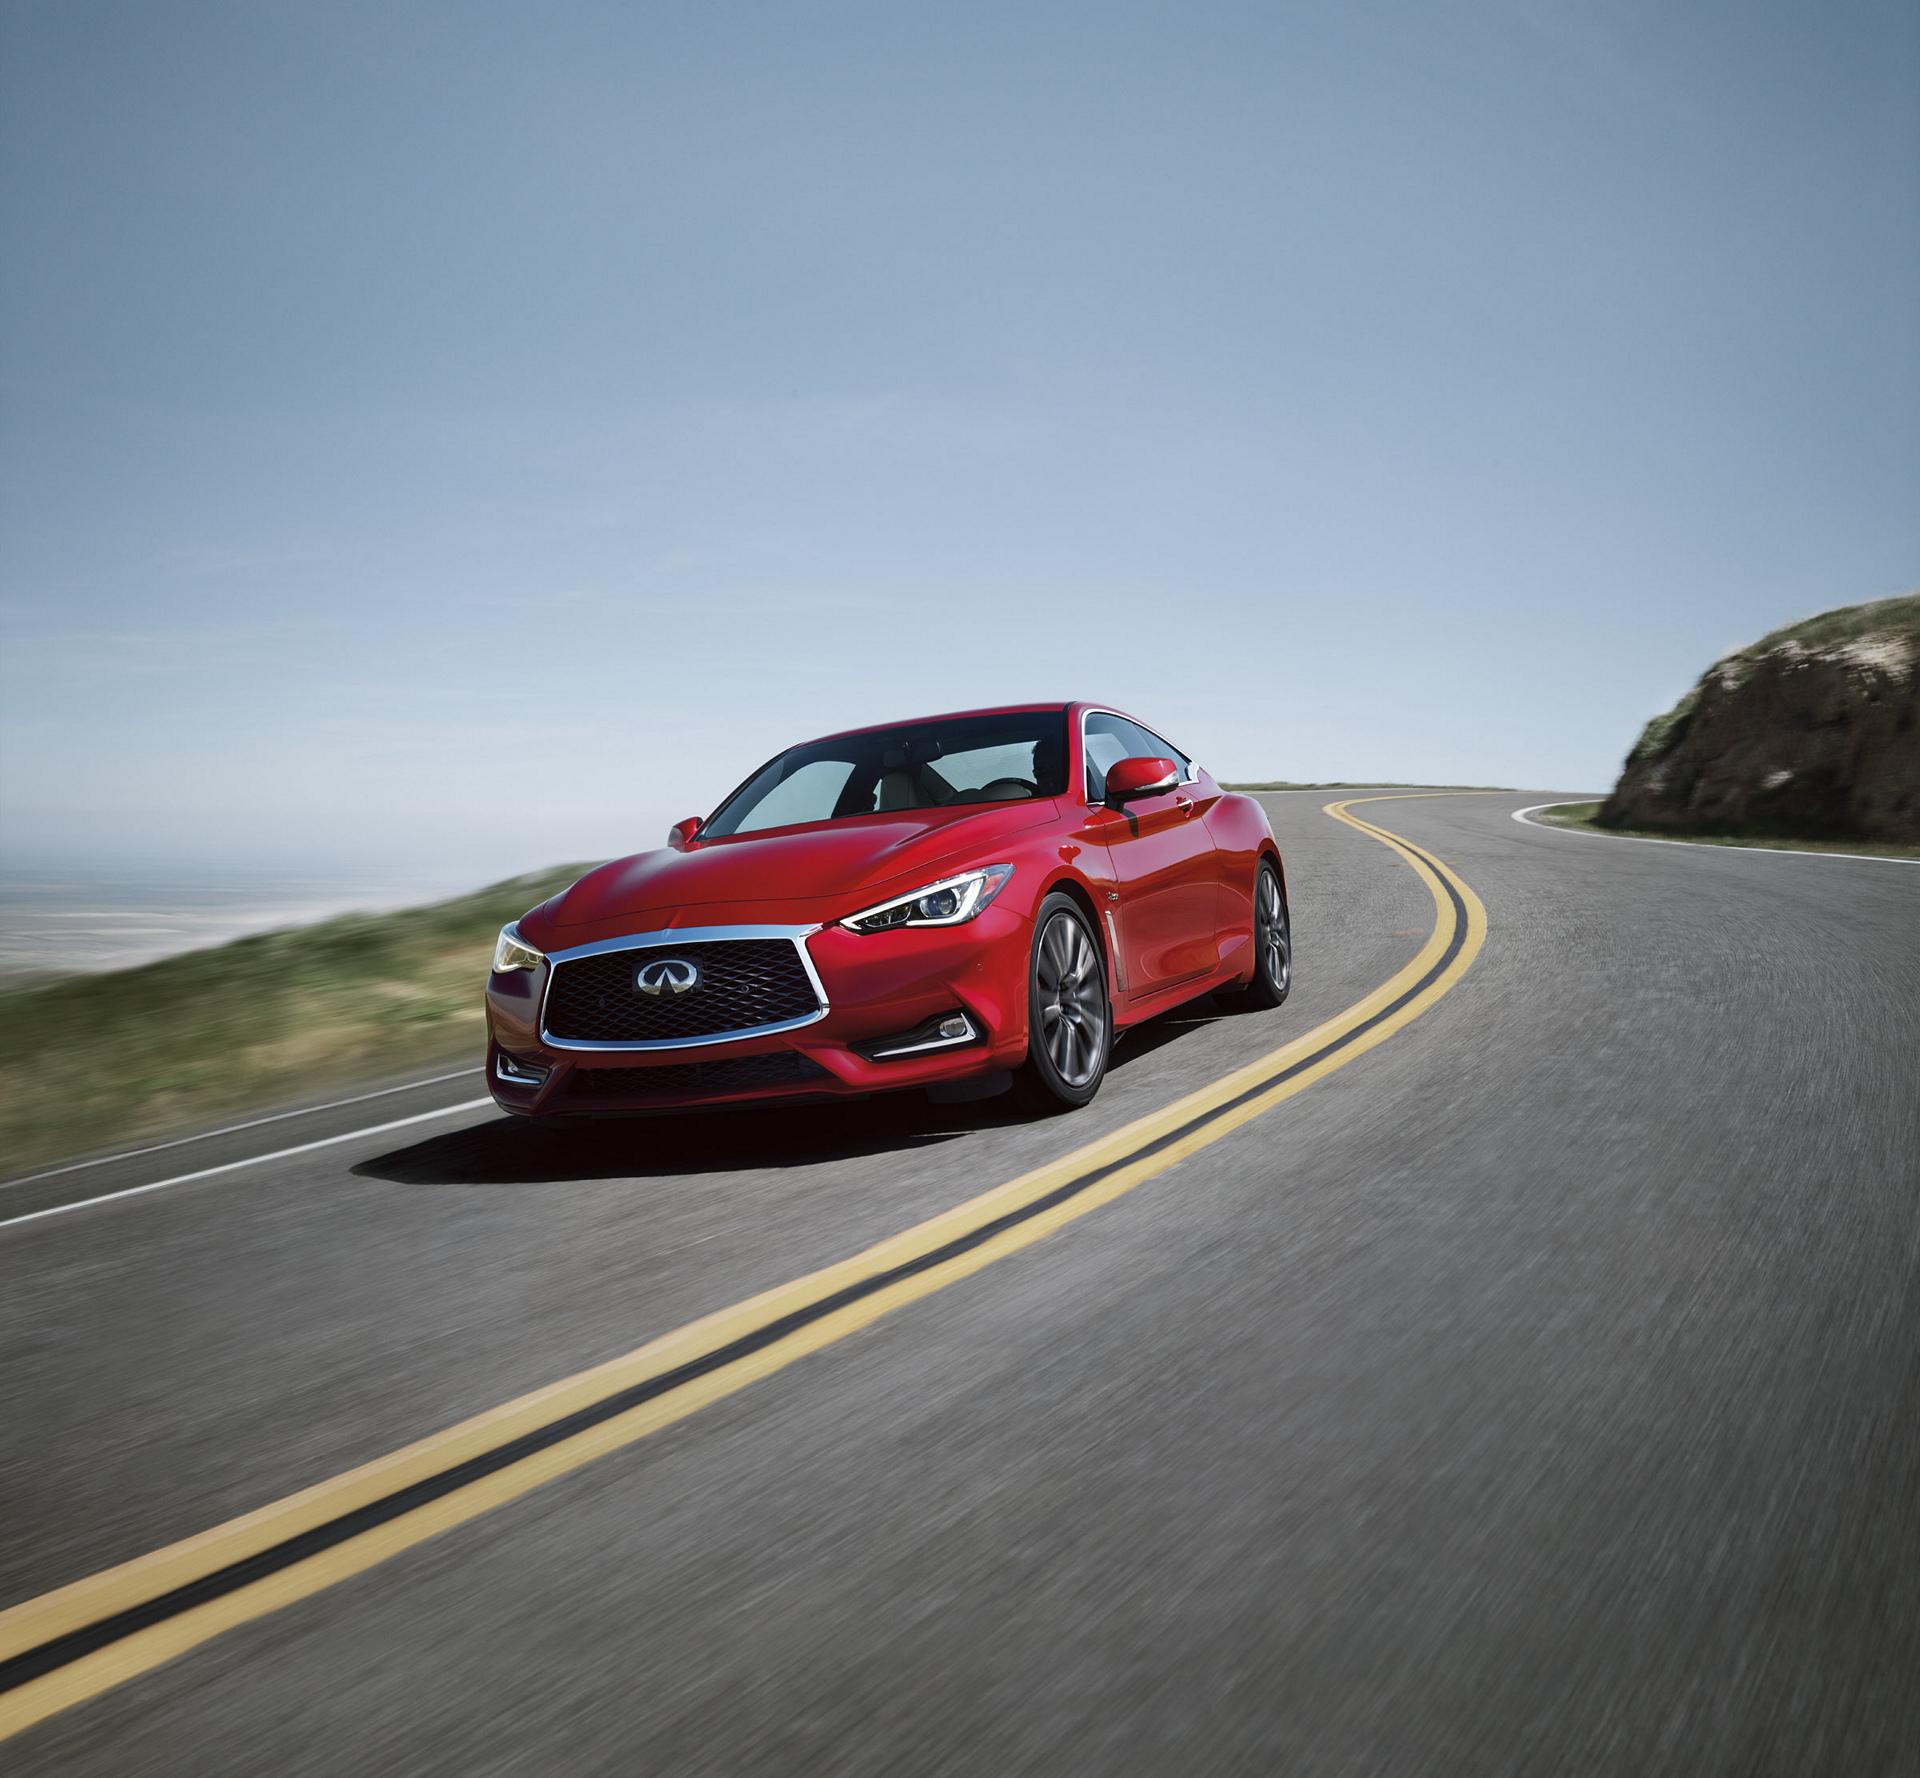 2017 INFINITI Q60 Red Sport 400 © Nissan Motor Co., Ltd.